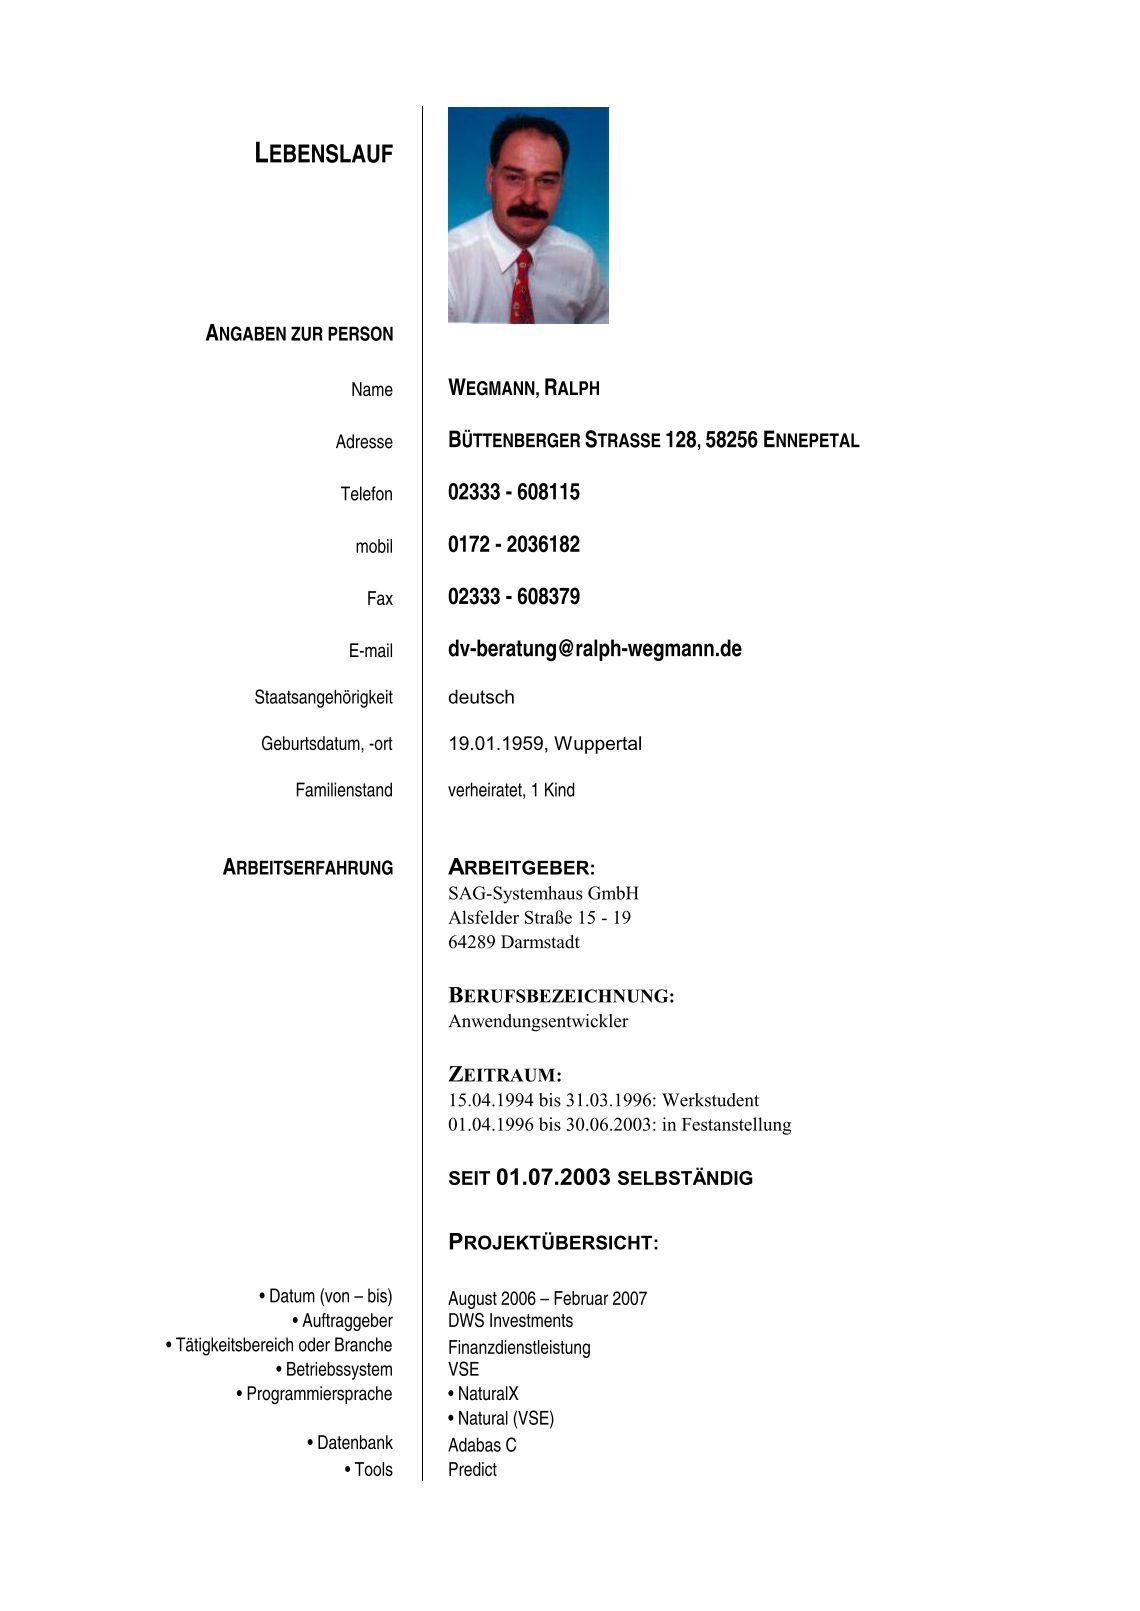 Erfreut Anwendungsentwickler Fortsetzen Beispiele Galerie ...